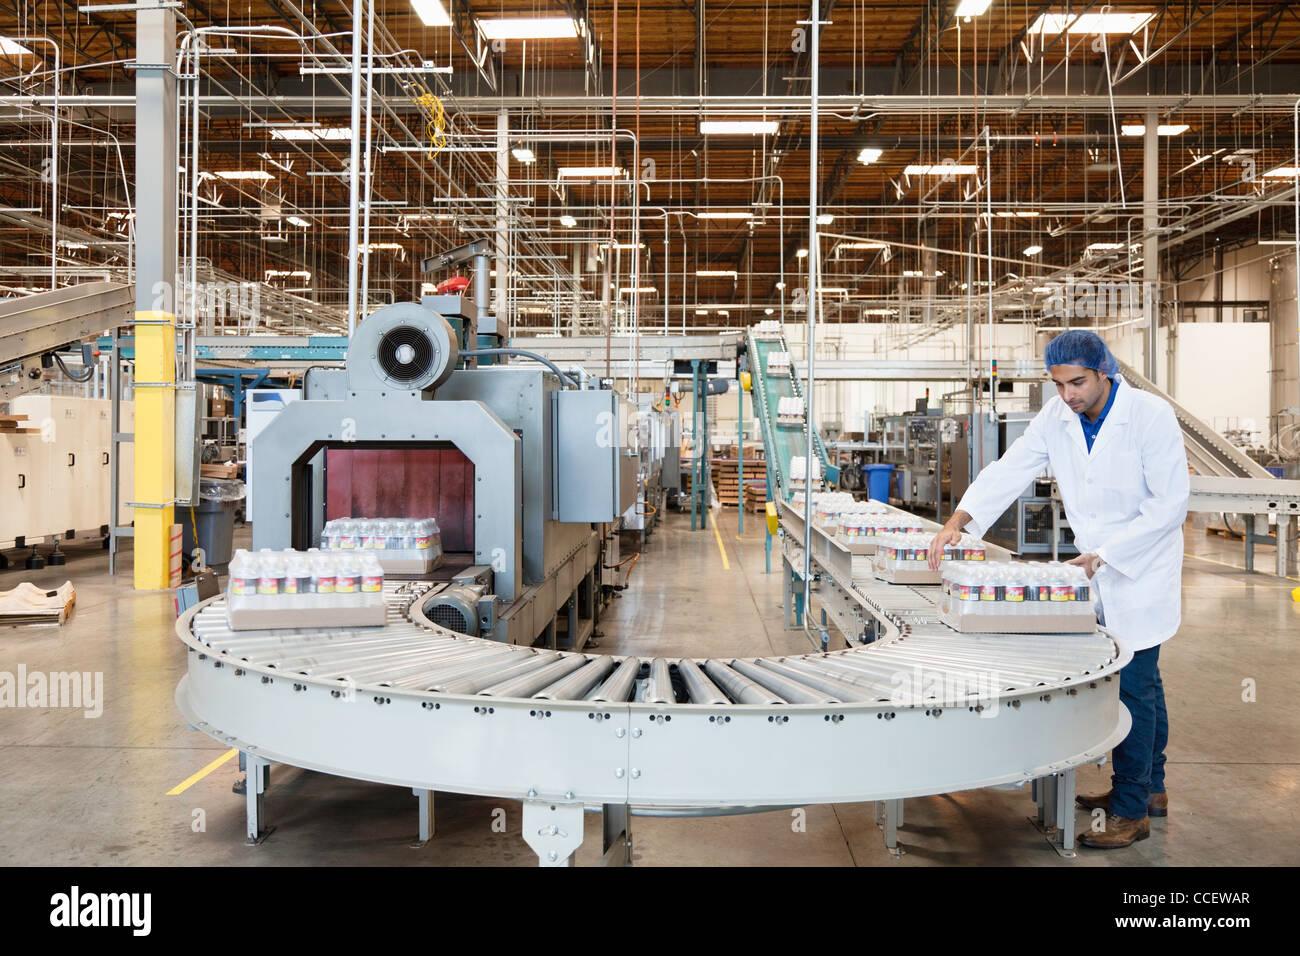 L'homme travaillant dans l'usine d'embouteillage Photo Stock